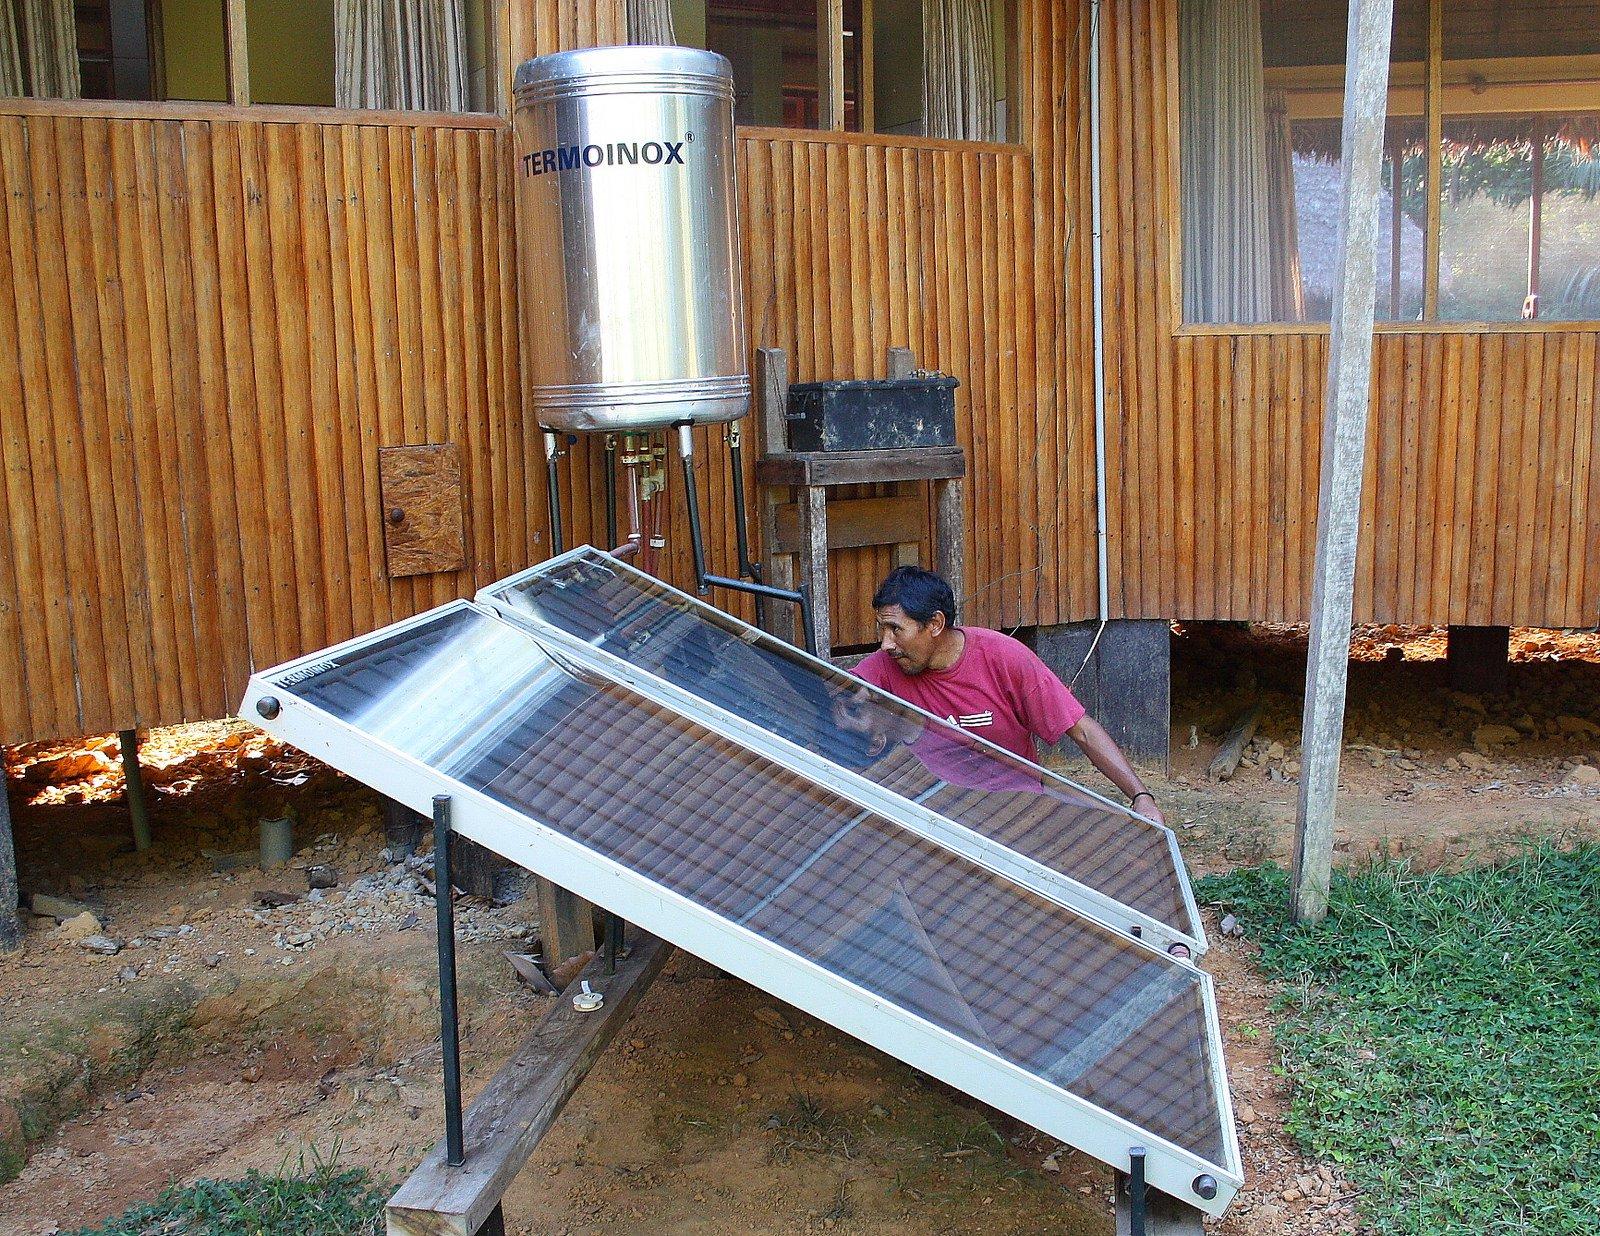 Solar panels - David Dudenhoefer.jpg